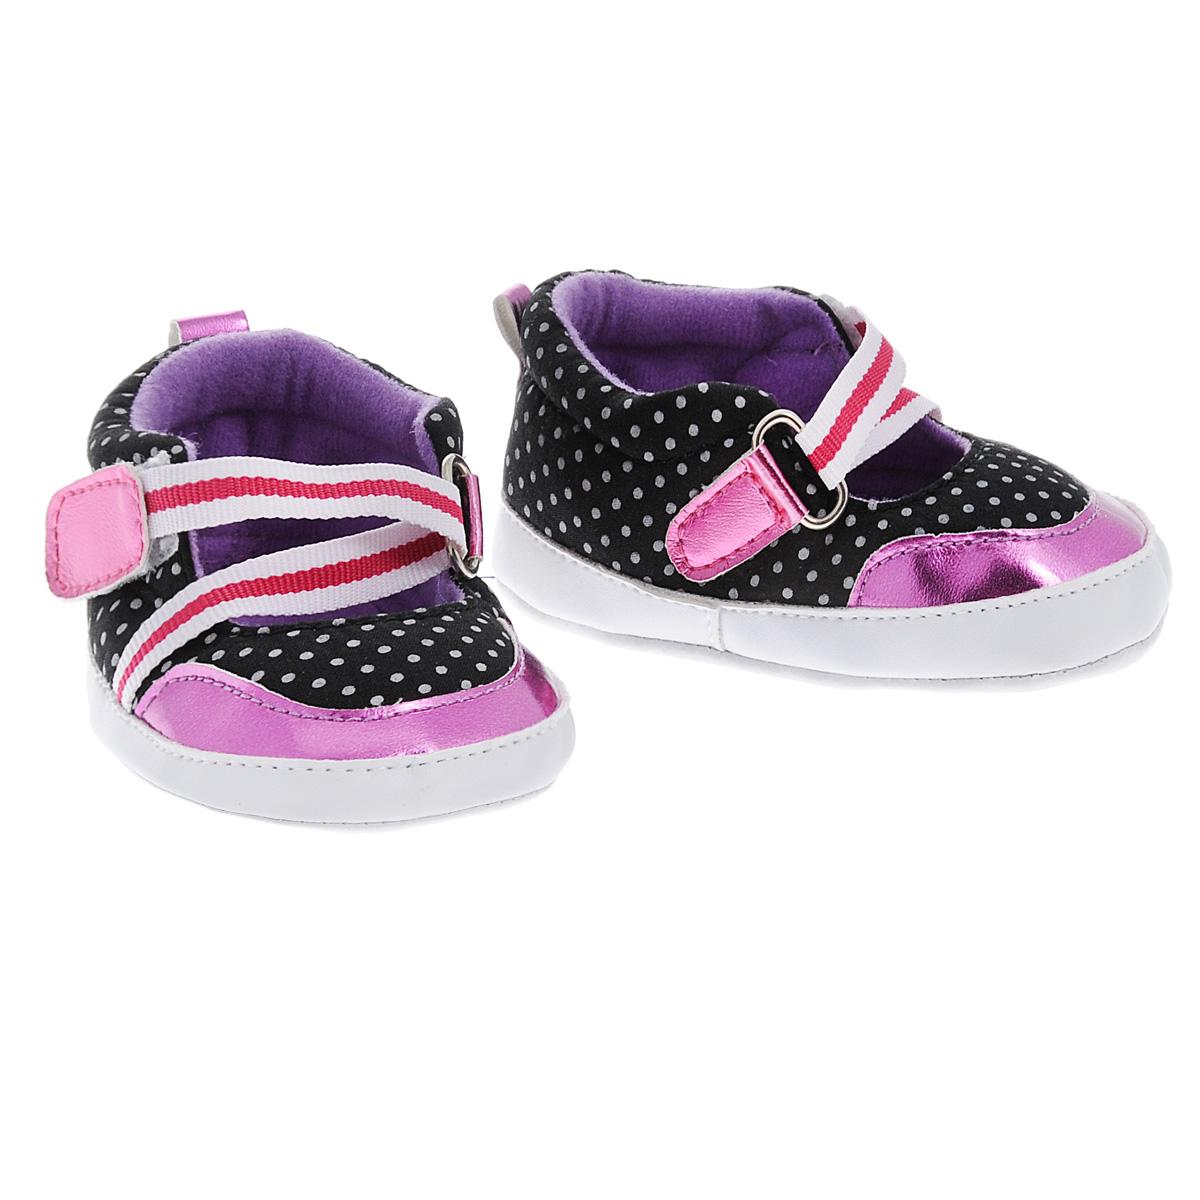 Пинетки для девочки Фанни. 1120511205Оригинальные детские пинетки для девочки Luvable Friends Фанни, стилизованные под туфельки - это легкая и удобная обувь для малышей. Удобная эластичная застежка на липучке, надежно фиксирующая пинетки на ножке малышки, мягкие, не сдавливающие ножку материалы делают модель практичной и популярной. Стопа оформлена прорезиненным рельефным рисунком, благодаря которому ребенок не будет скользить. Такие пинетки - отличное решение для малышей и их родителей!